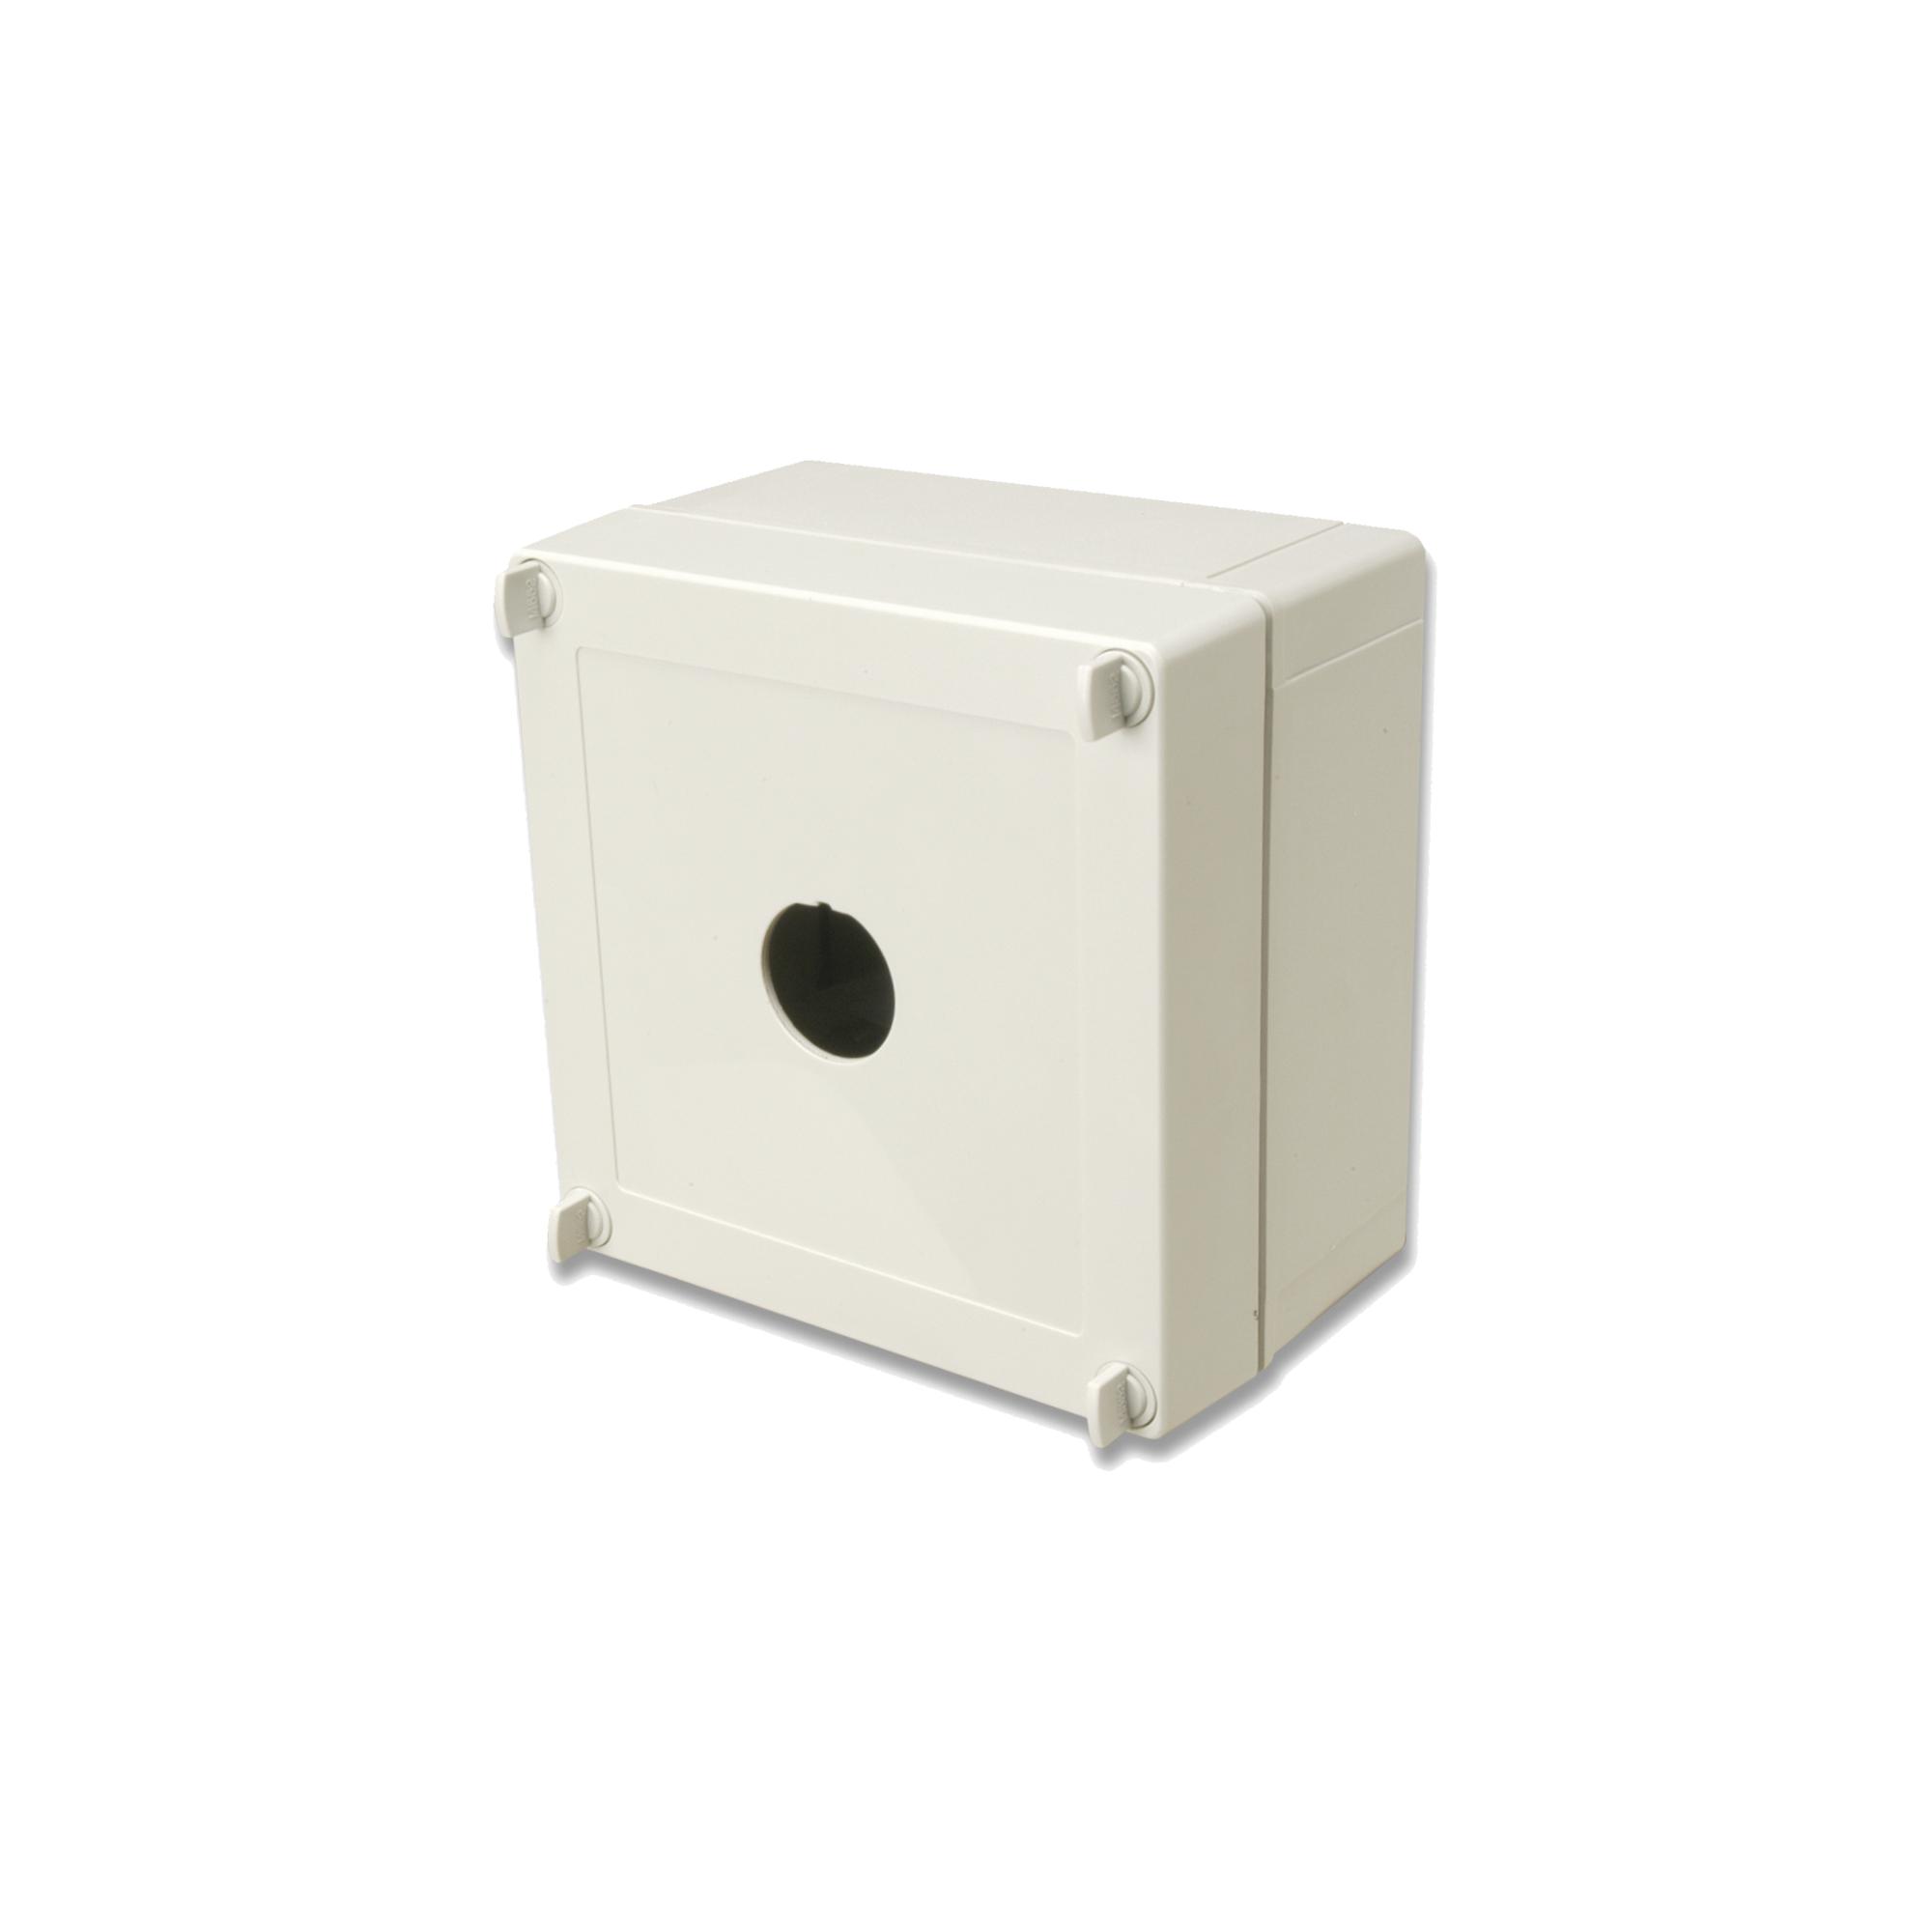 Caja industrial de conexión (Ruggedized), de 1 puerto de cobre o fibra, con protección IP66/IP67 (NEMA 4X)